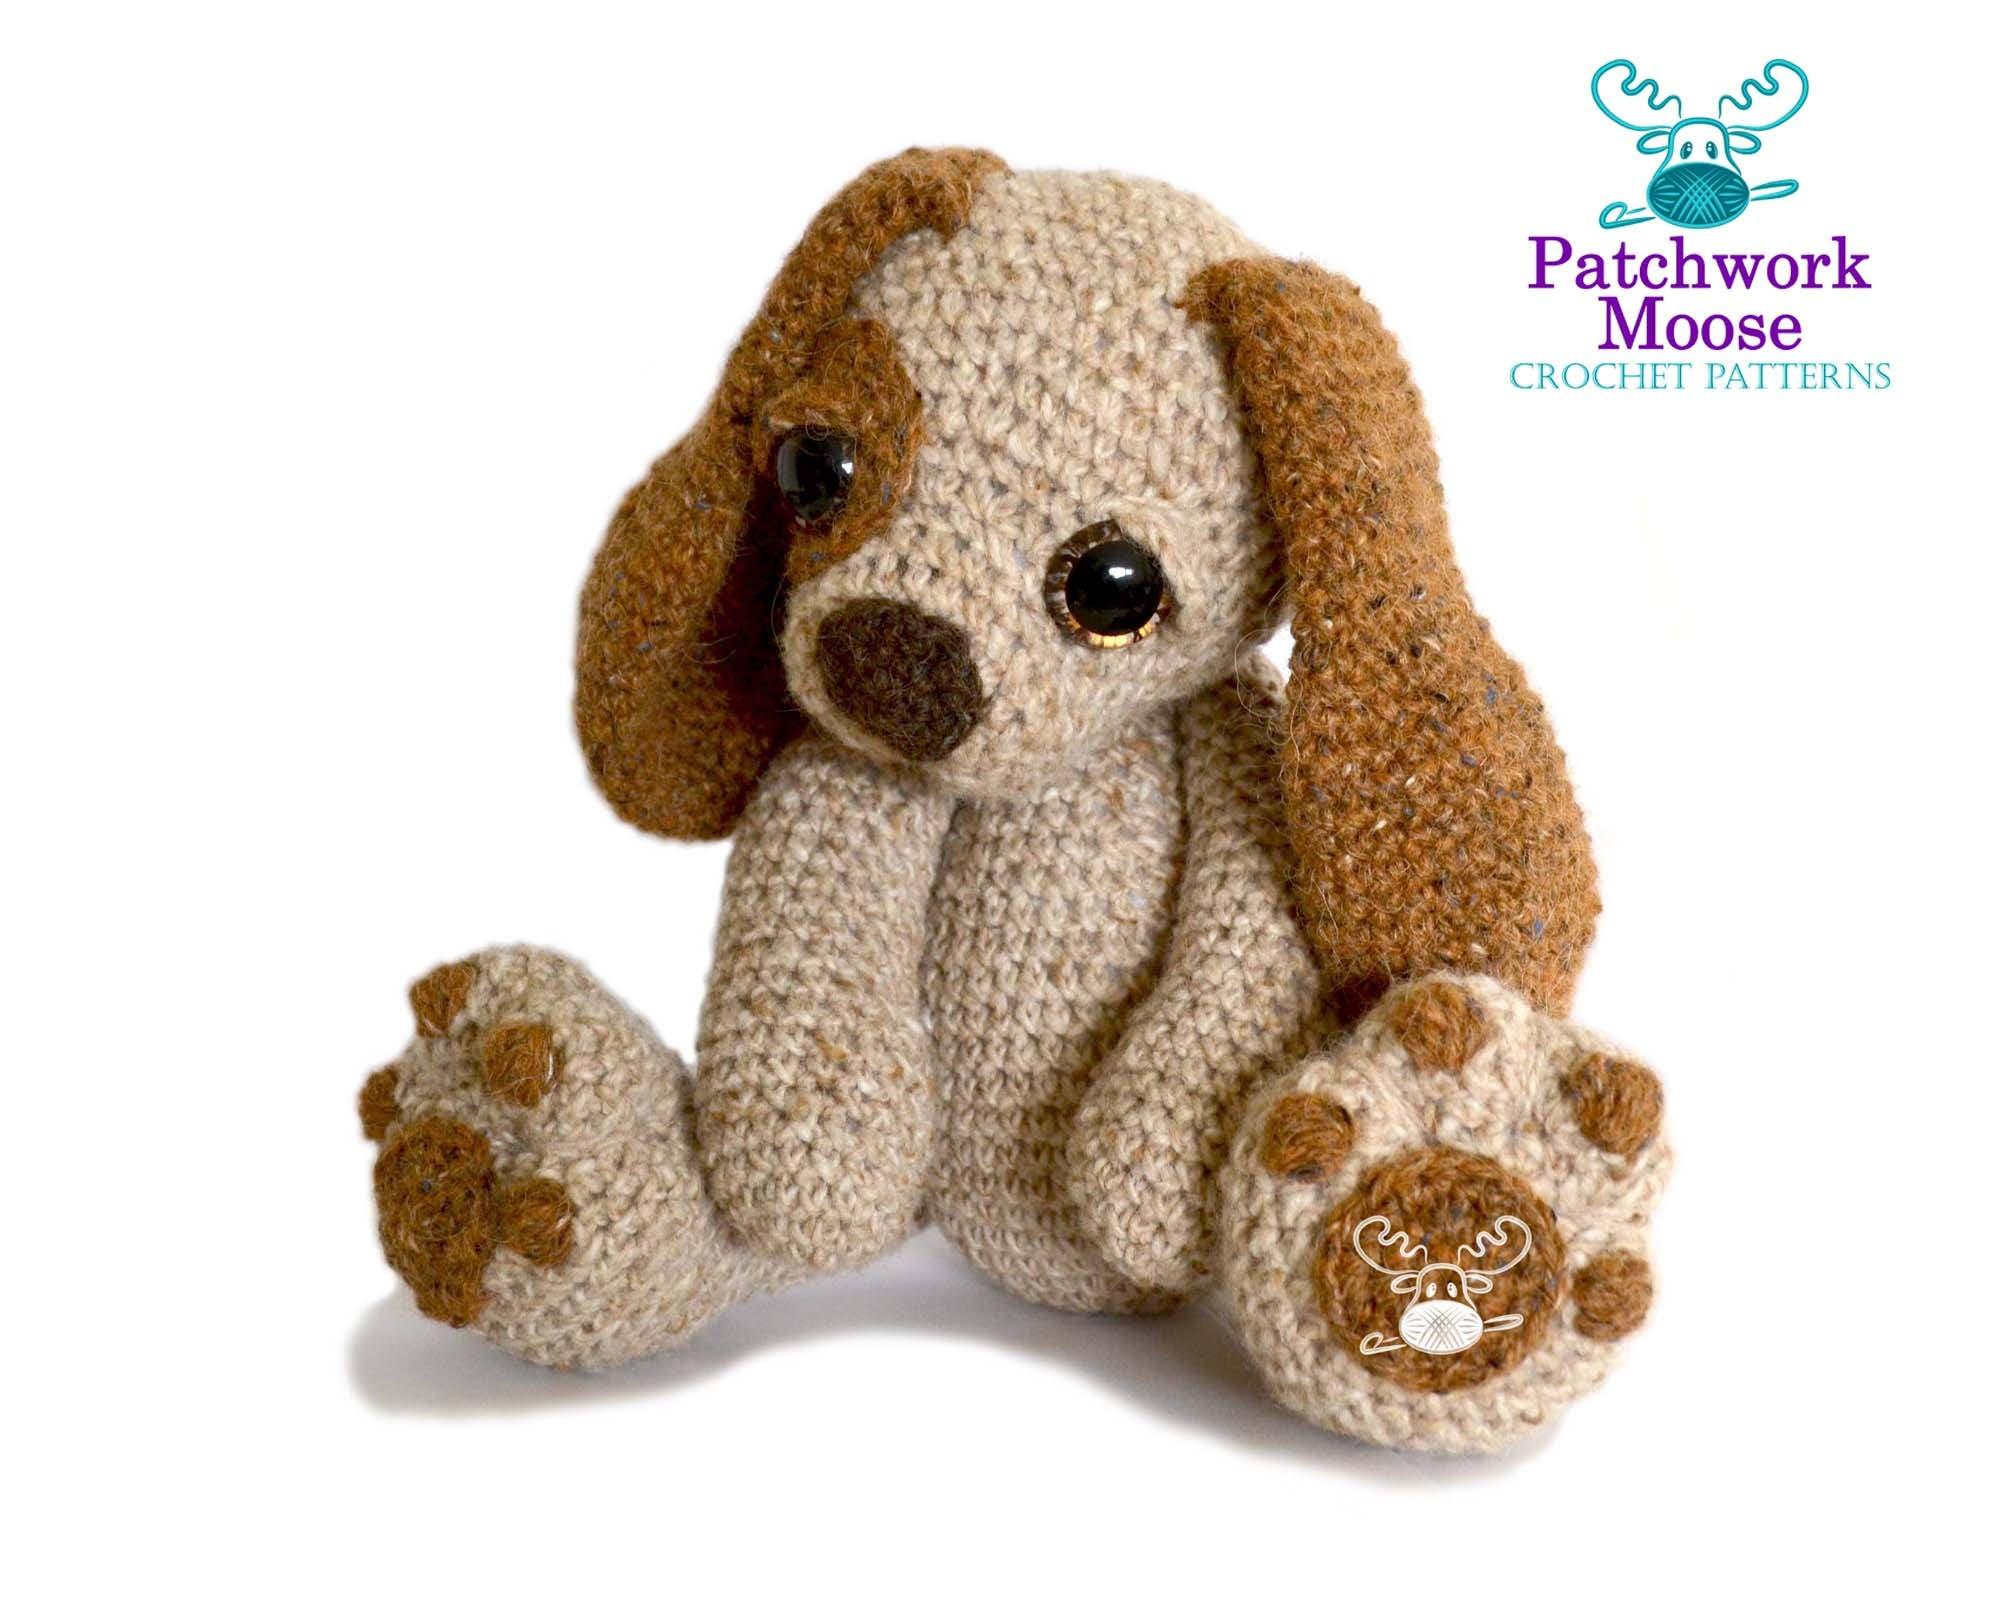 Excepcional Crochet Patrón De Puente Del Perro Friso - Ideas de ...